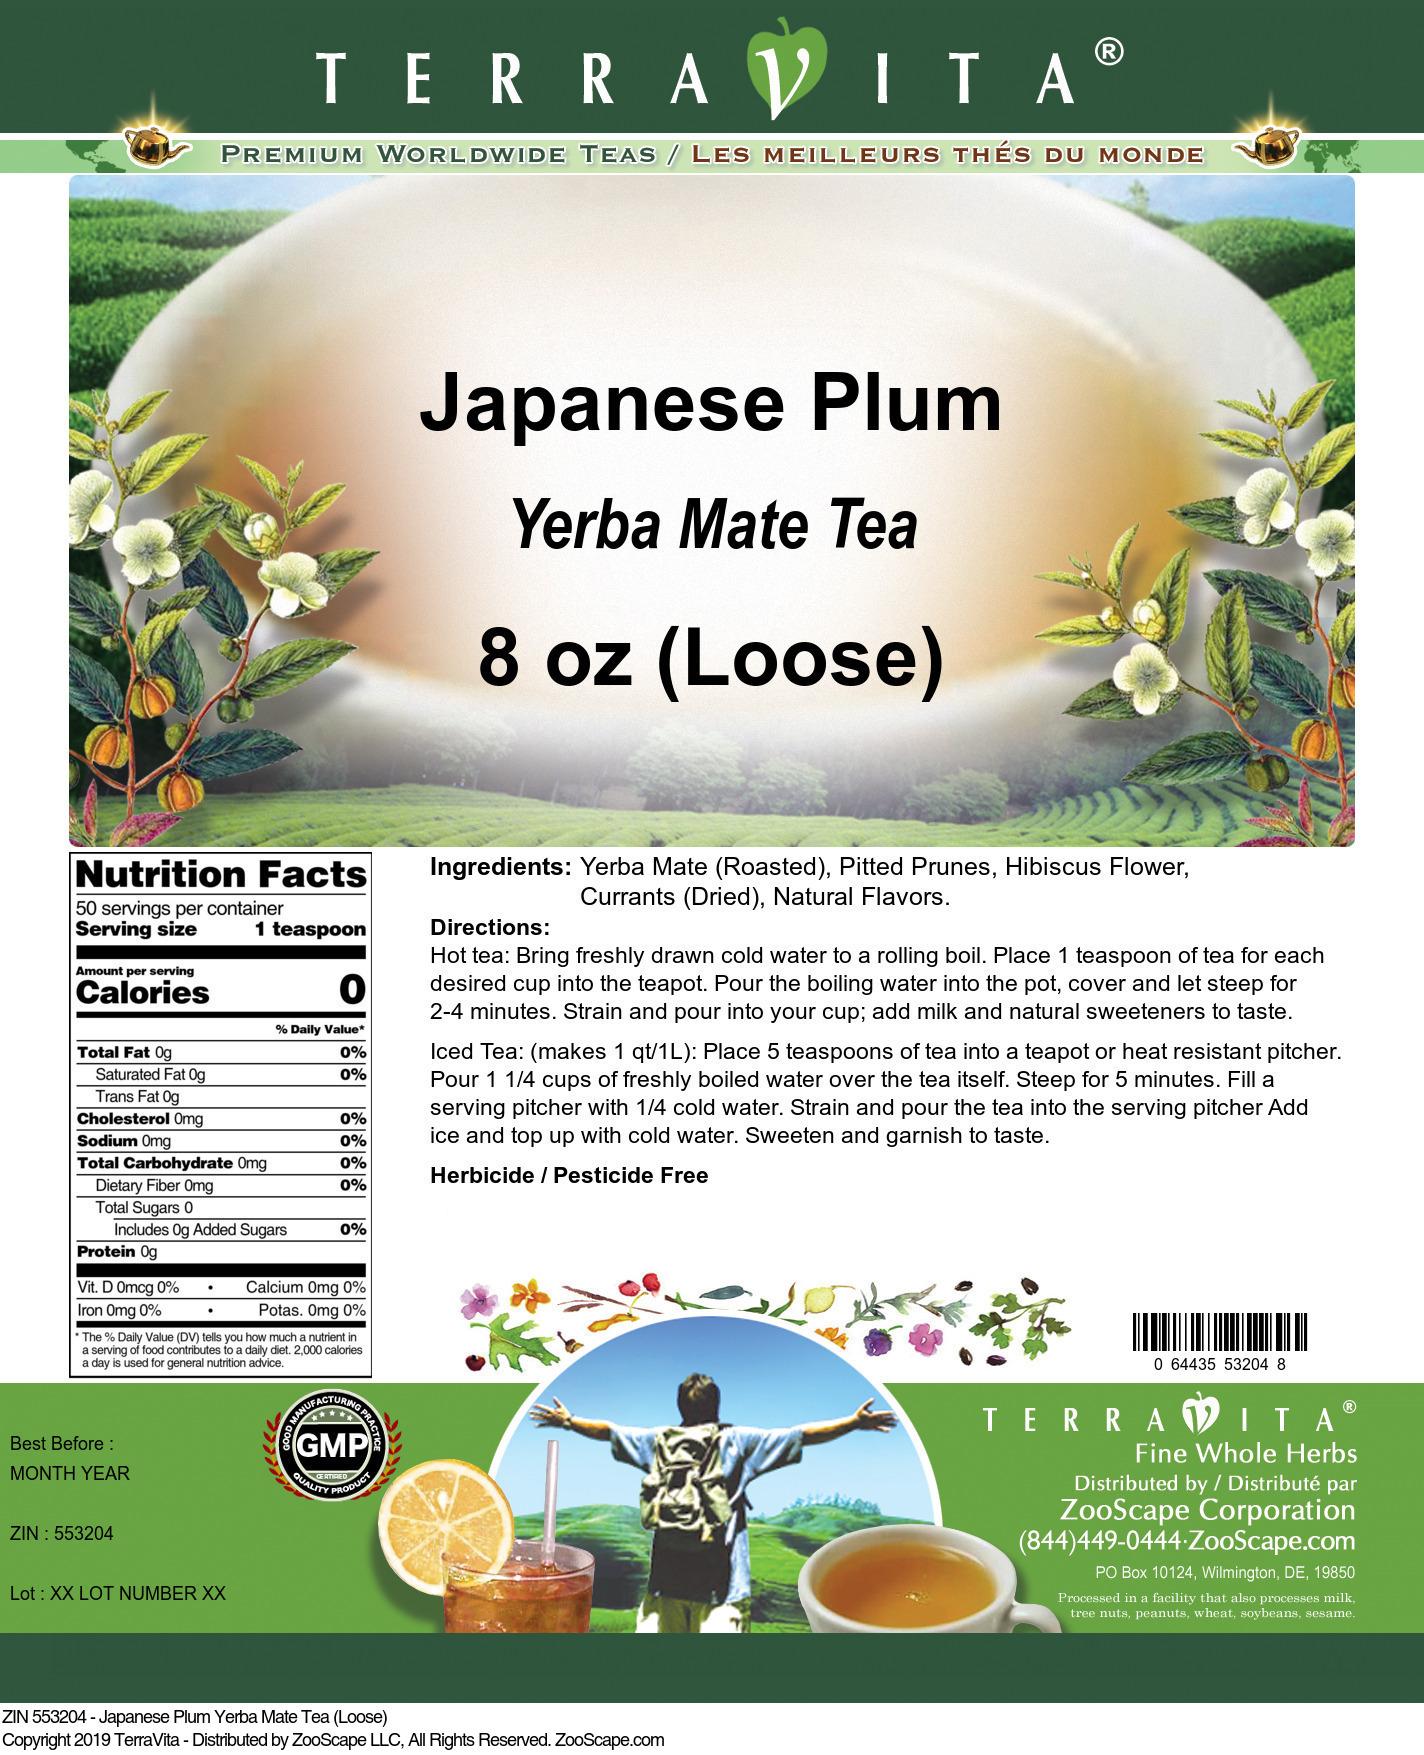 Japanese Plum Yerba Mate Tea (Loose)